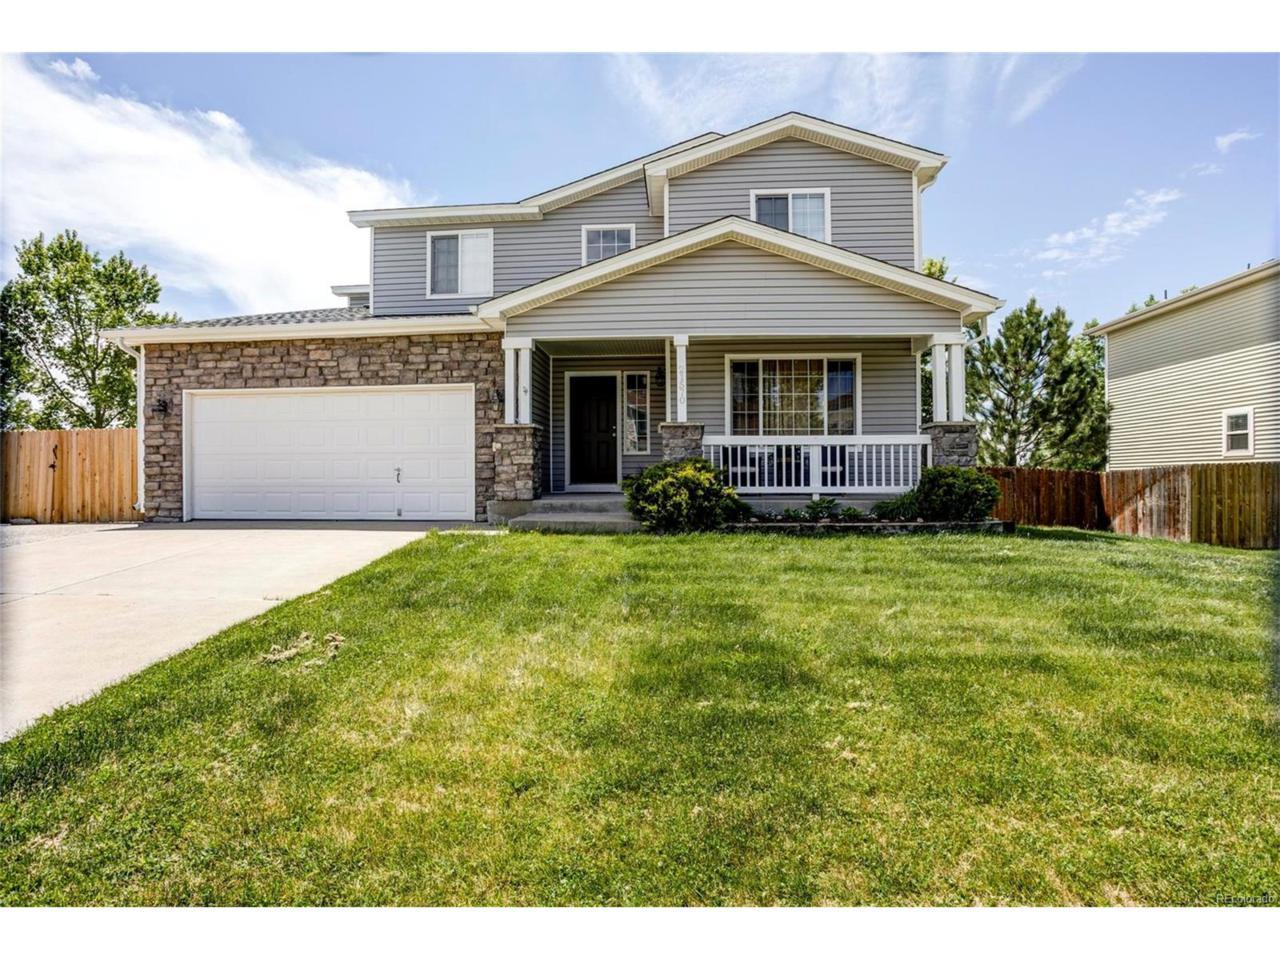 21570 Longs Peak Lane, Parker, CO 80138 (MLS #8127570) :: 8z Real Estate